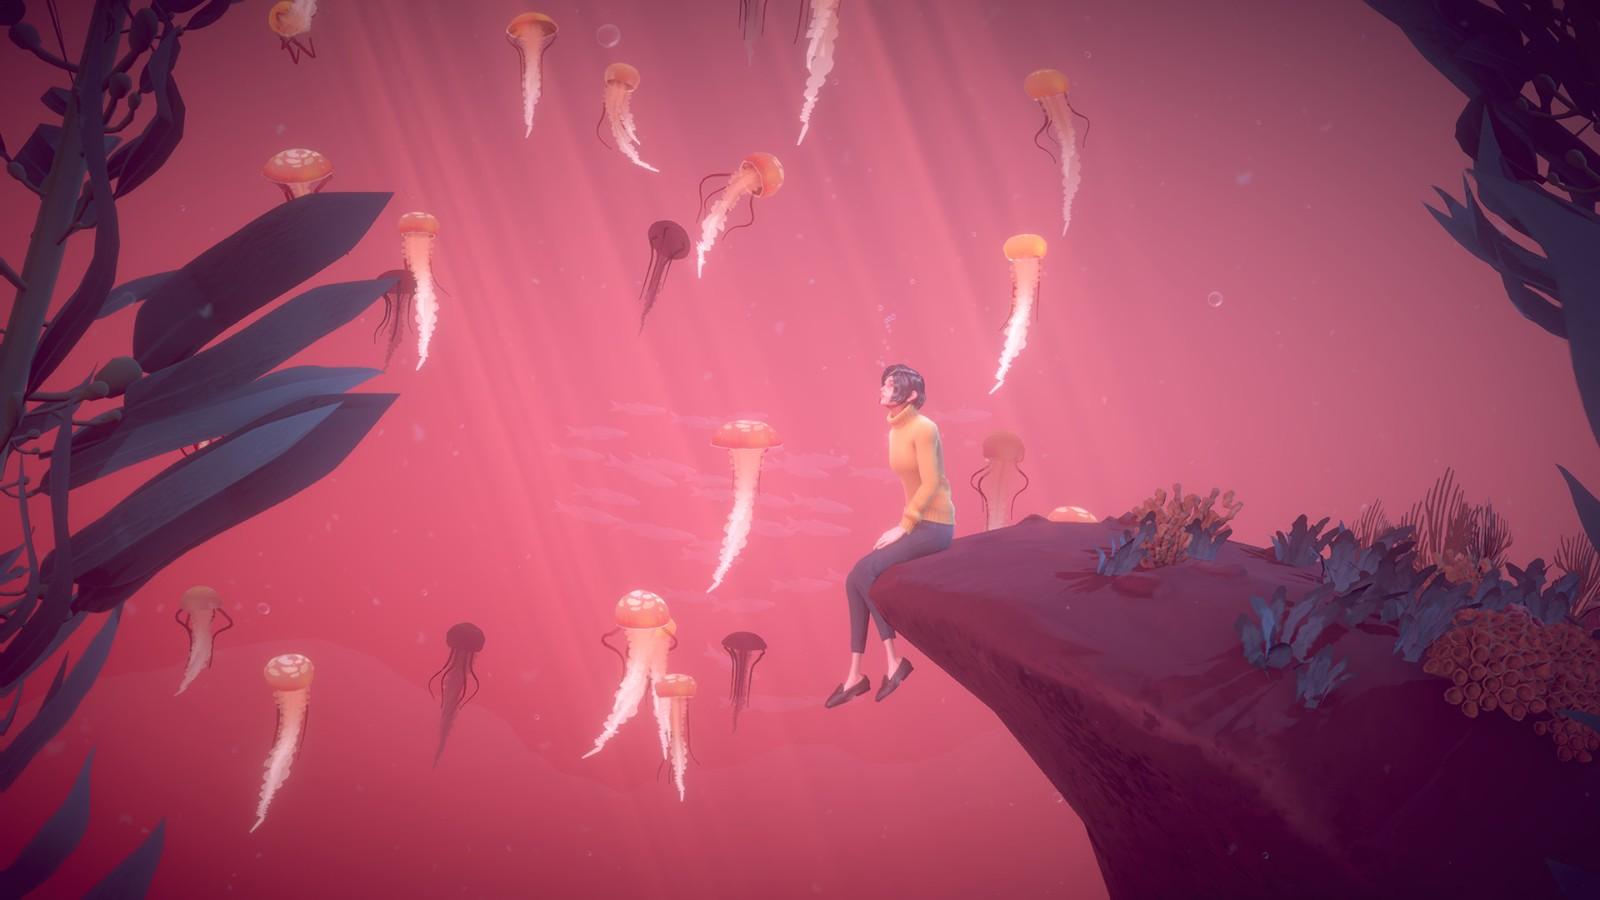 手绘3D互动小说《回忆蓝调》讲述母女真挚情感 即将登陆PC、PS4等平台